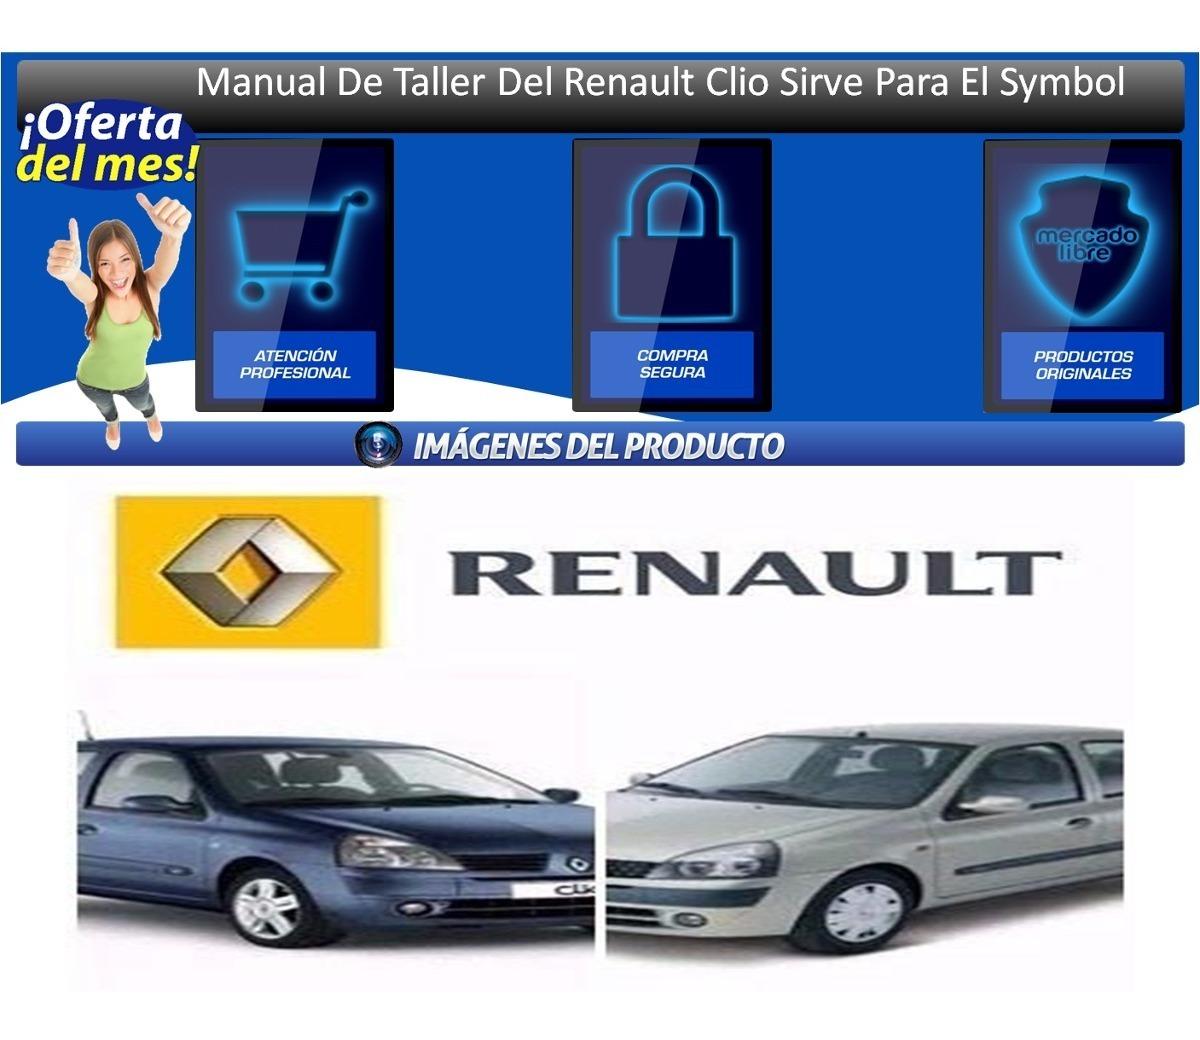 Manual De Taller Del Renault Clio Sirve Para El Symbol